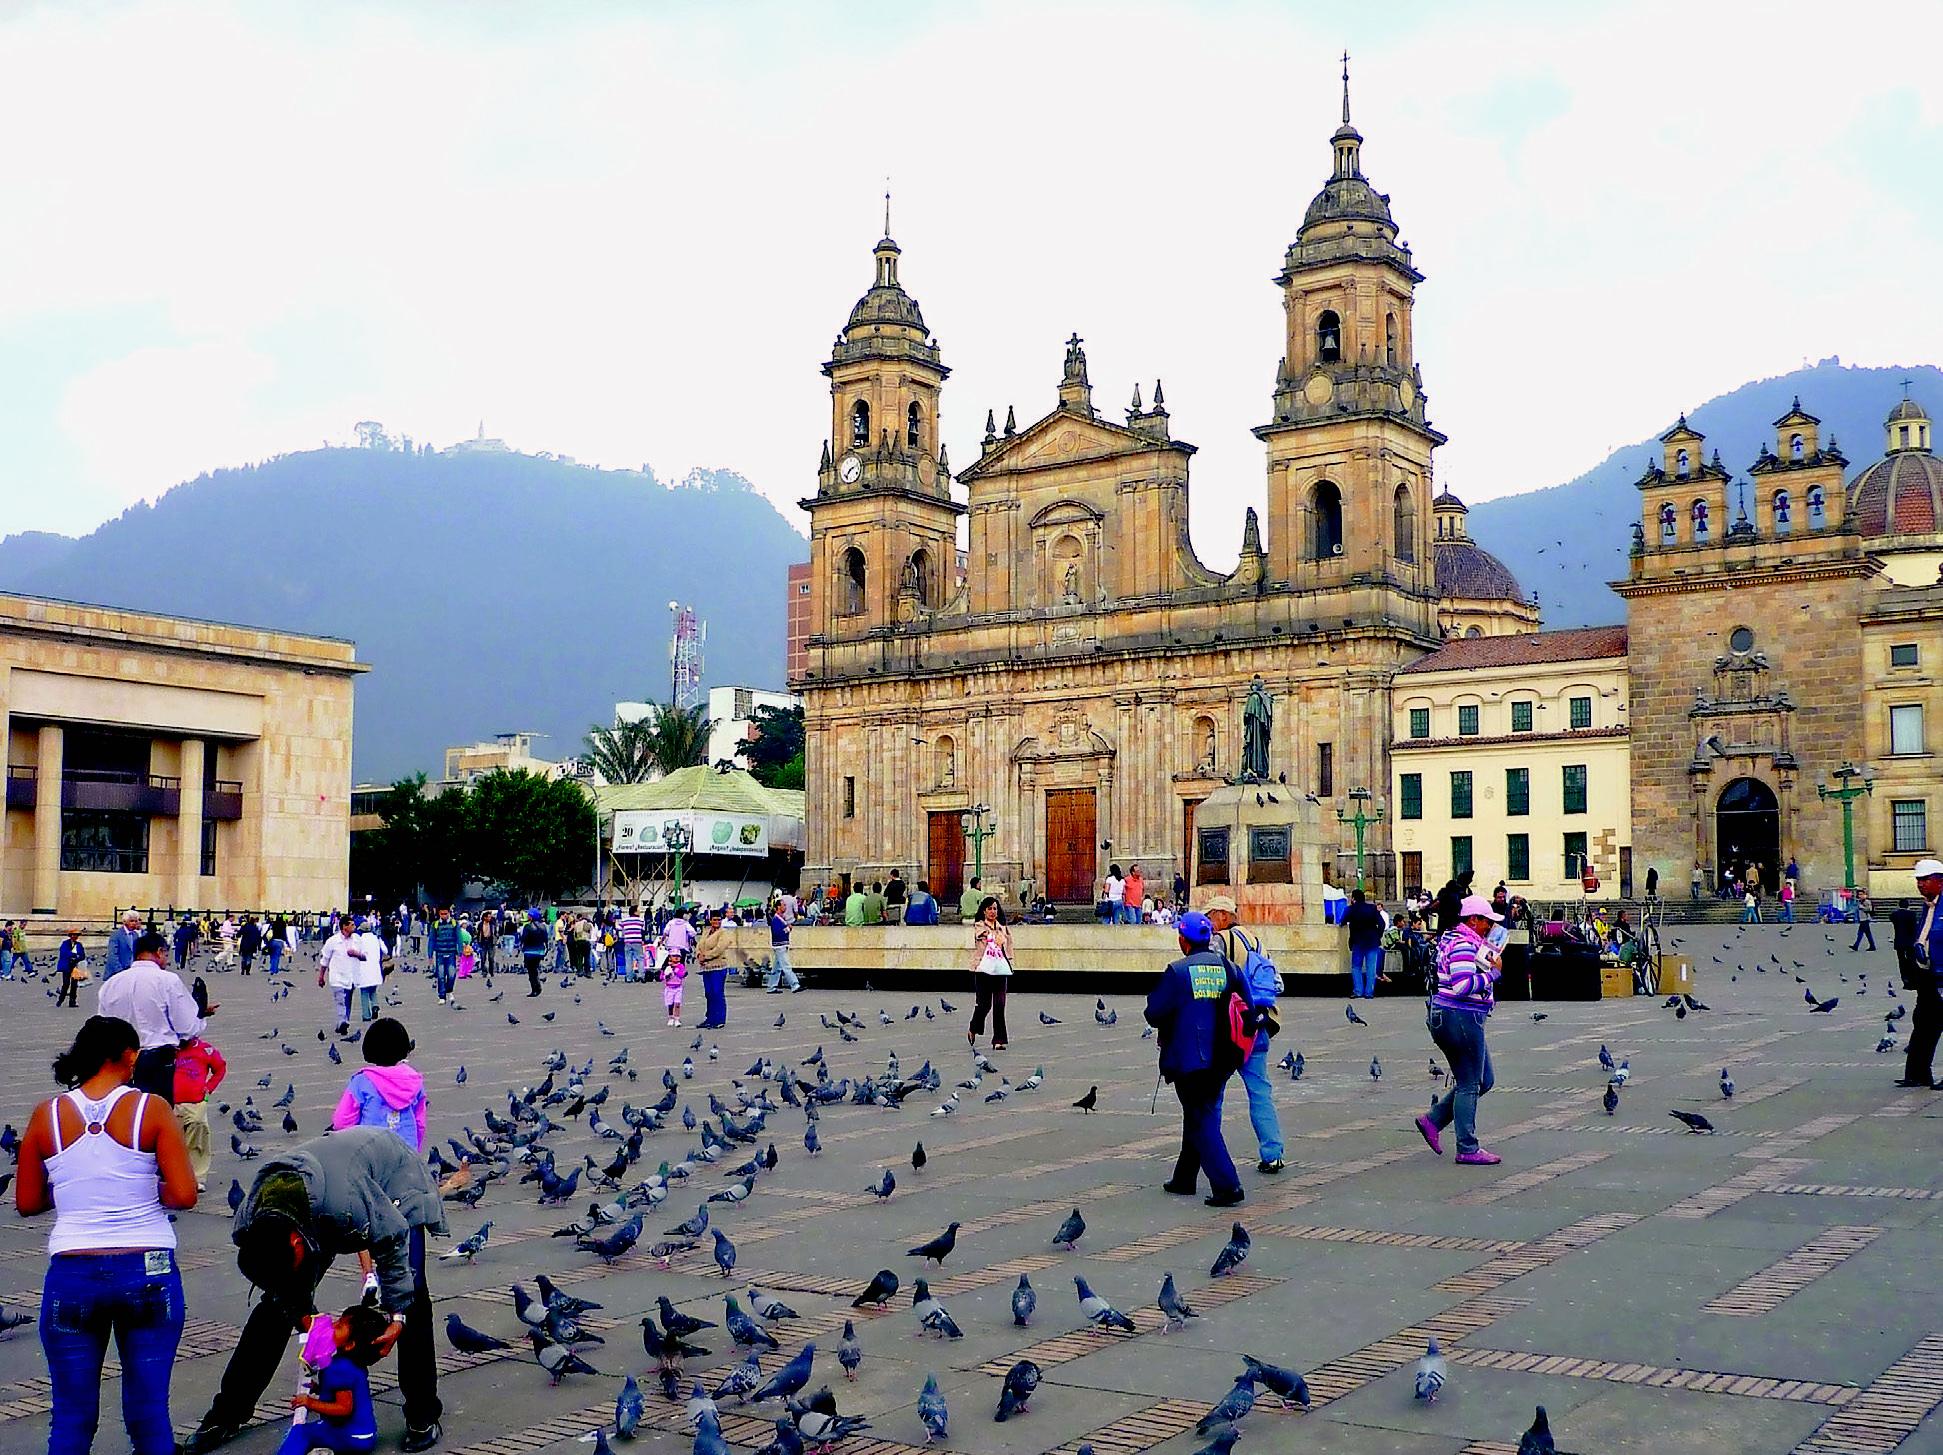 Der Plaza de Bolívar ist der zentrale Platz im Altstadtvertel La Candelaria, dem historischen Kern der kolumbianischen Hauptstadt. Viele der ehemaligen Herrenhäuser sind heute Theater, Galerien und Museen. Auch das Mapa Teatro sitzt hier – Foto: Friedhelm Teicke